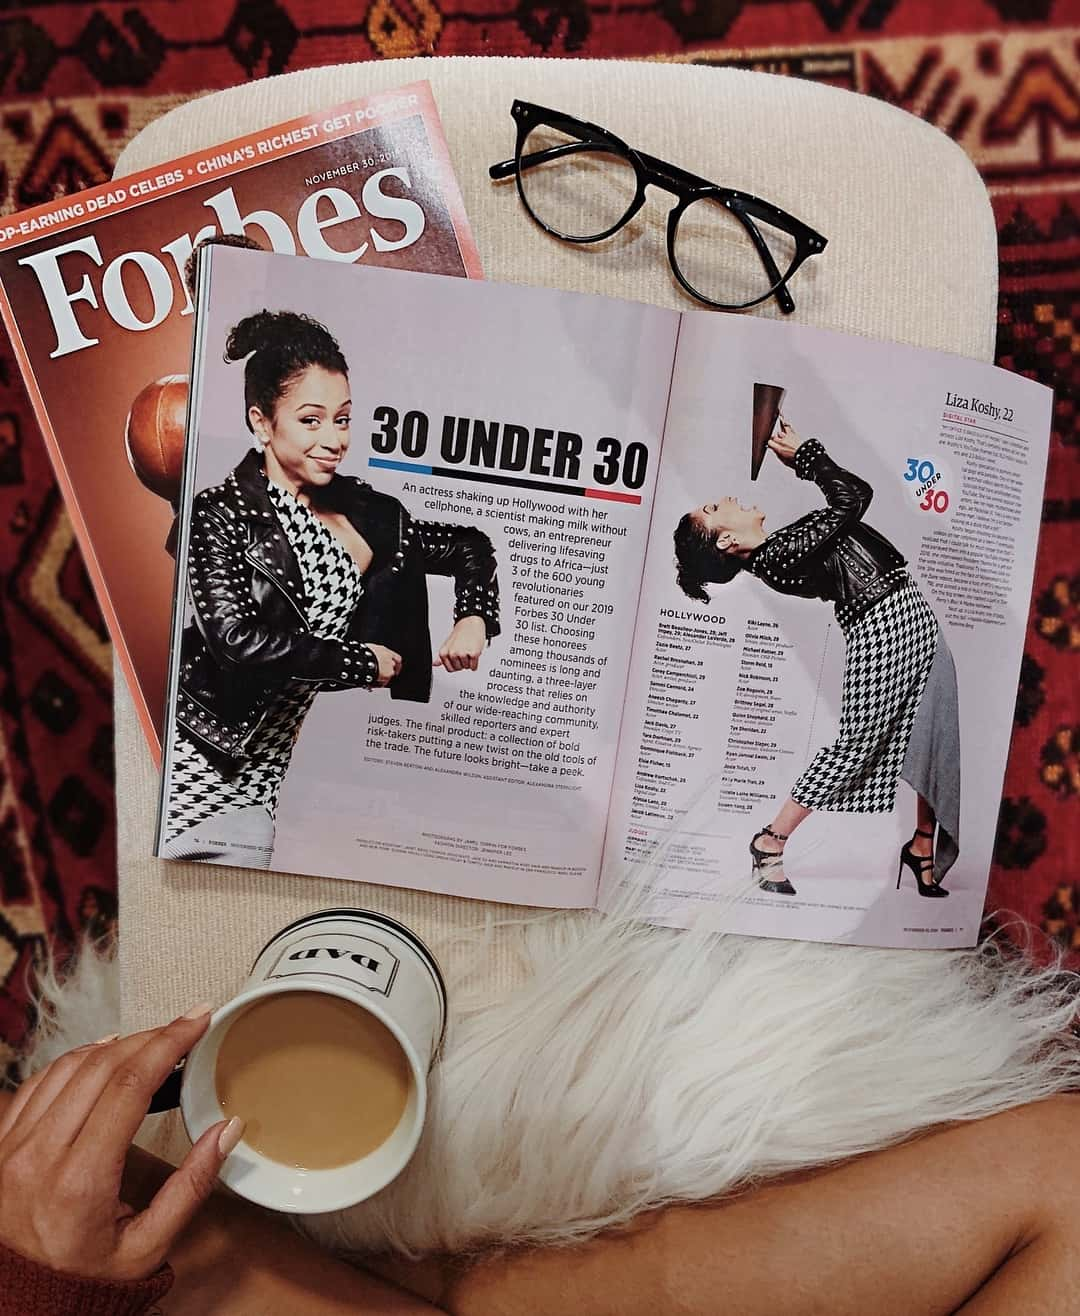 Koshy Forbes 30 under 30